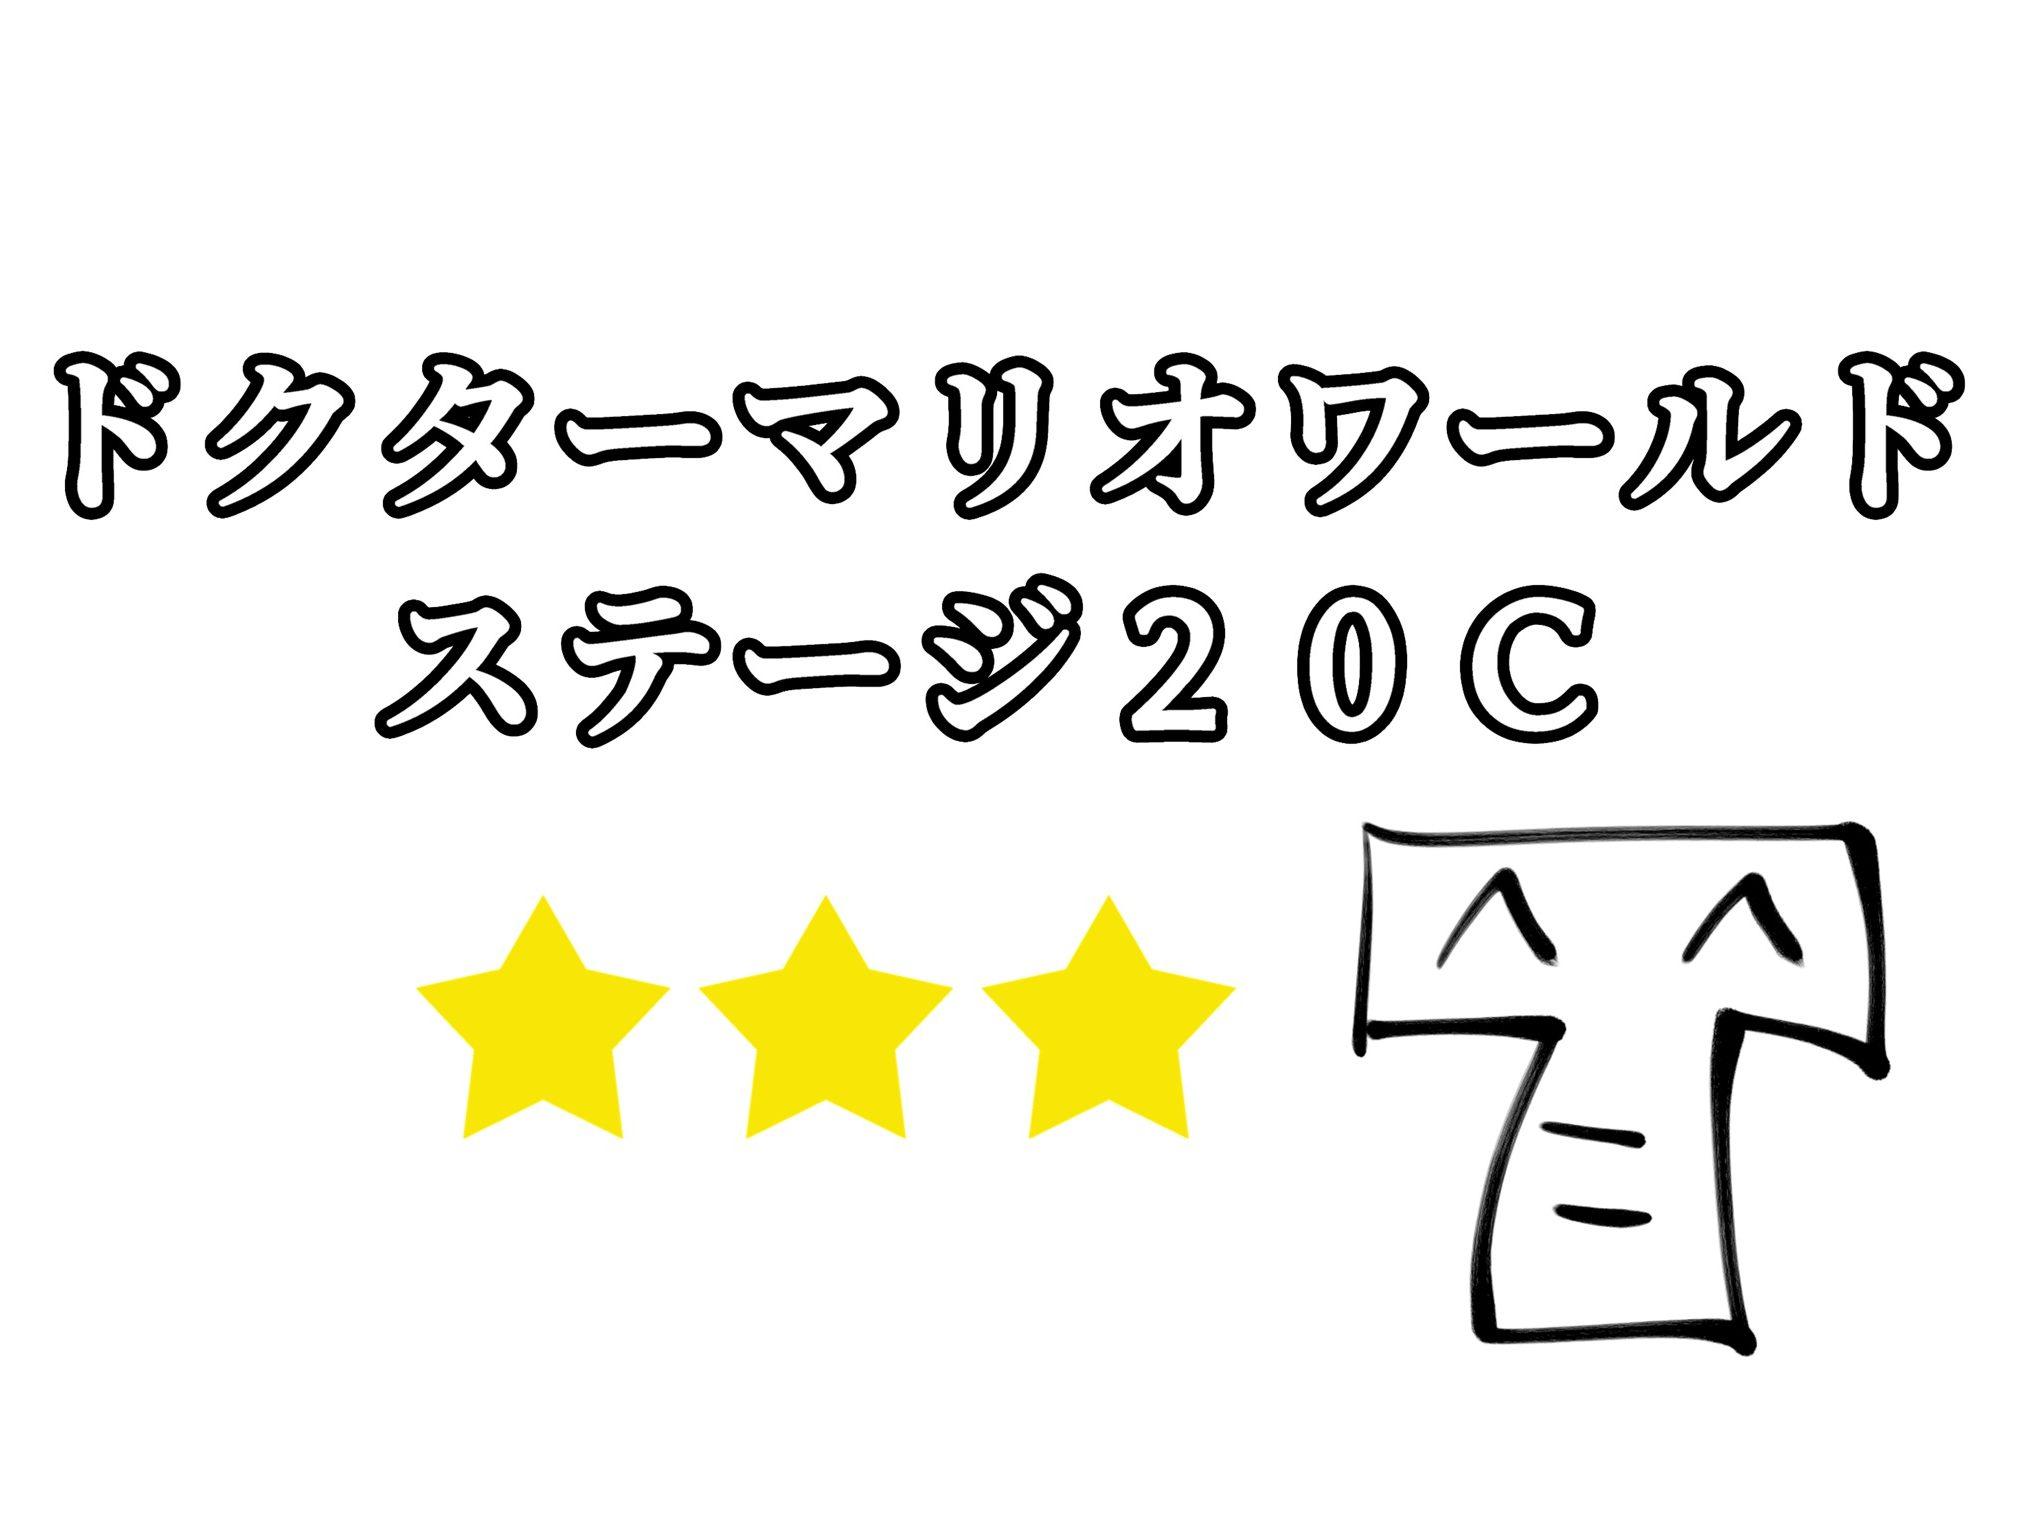 ドクターマリオワールドDr. Mario Worldステージ20Cワリオ星3攻略について解説